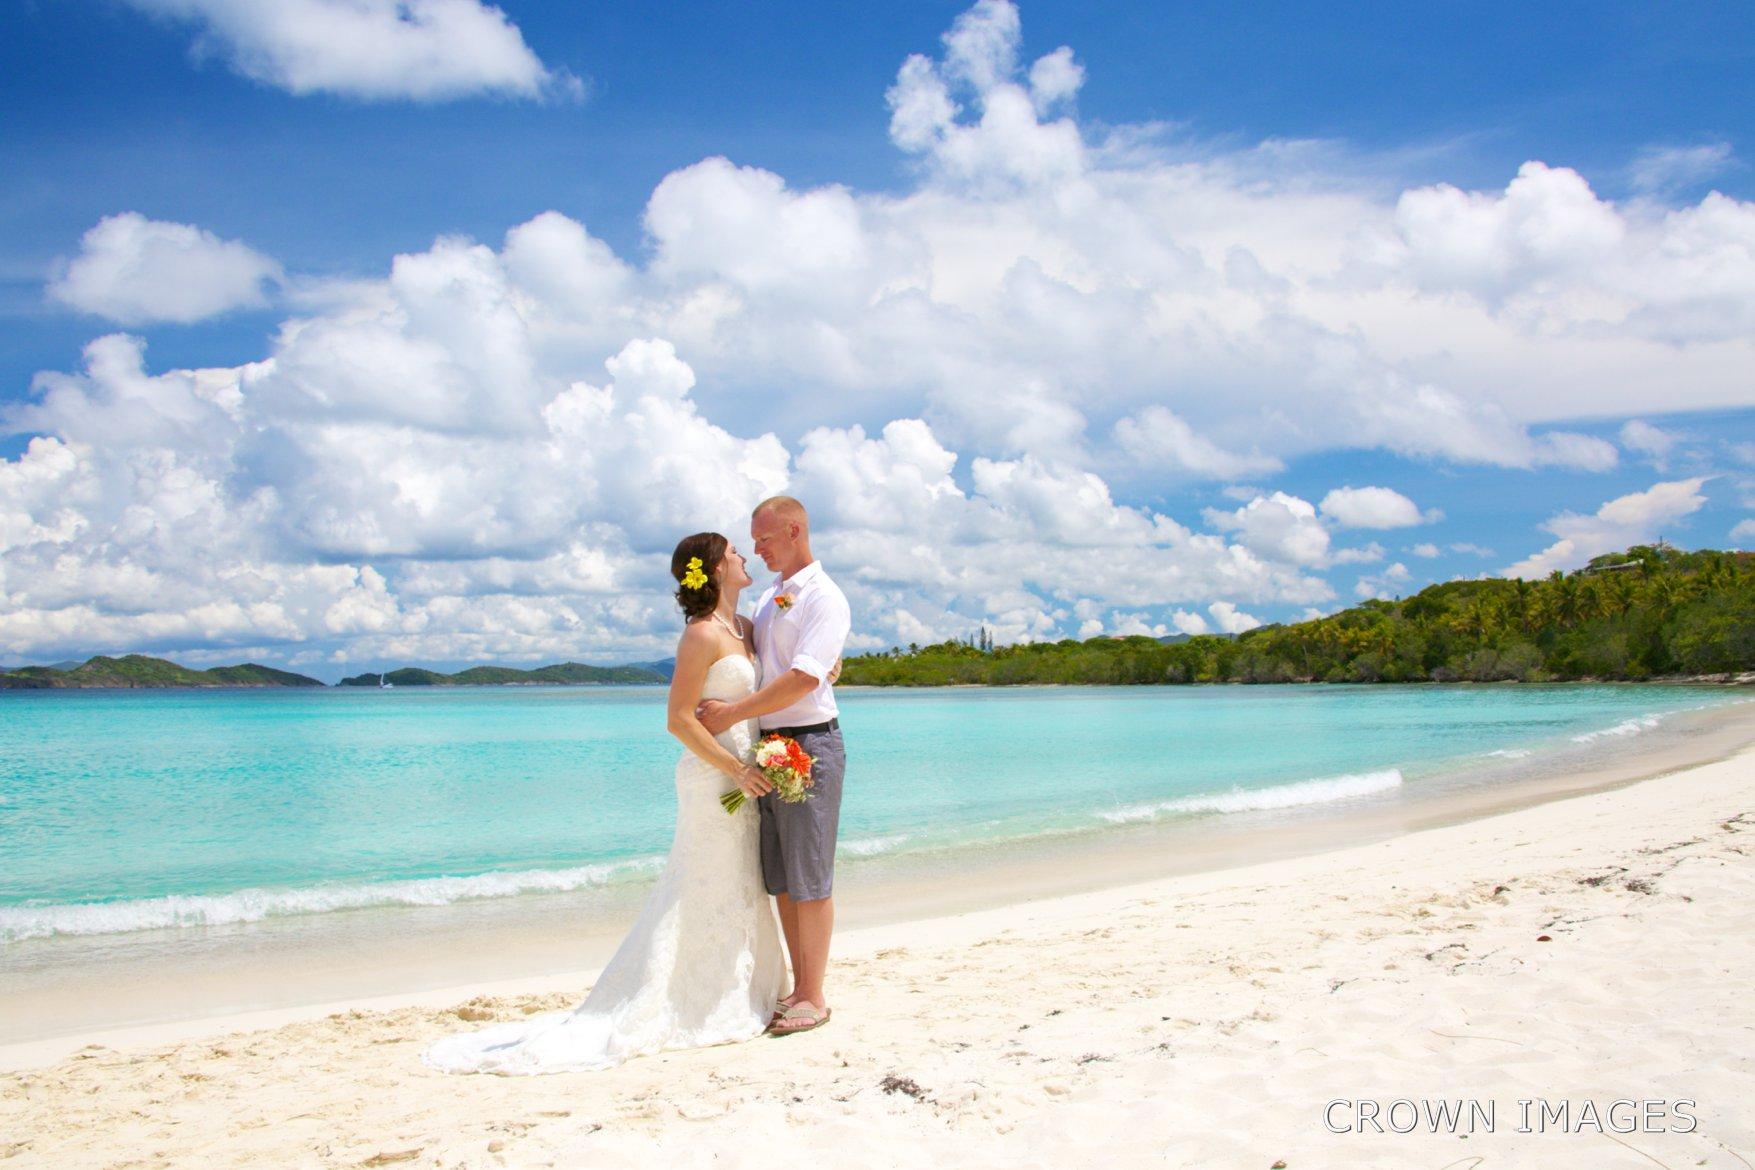 crown_images_wedding_virgin_islands_0053.jpg